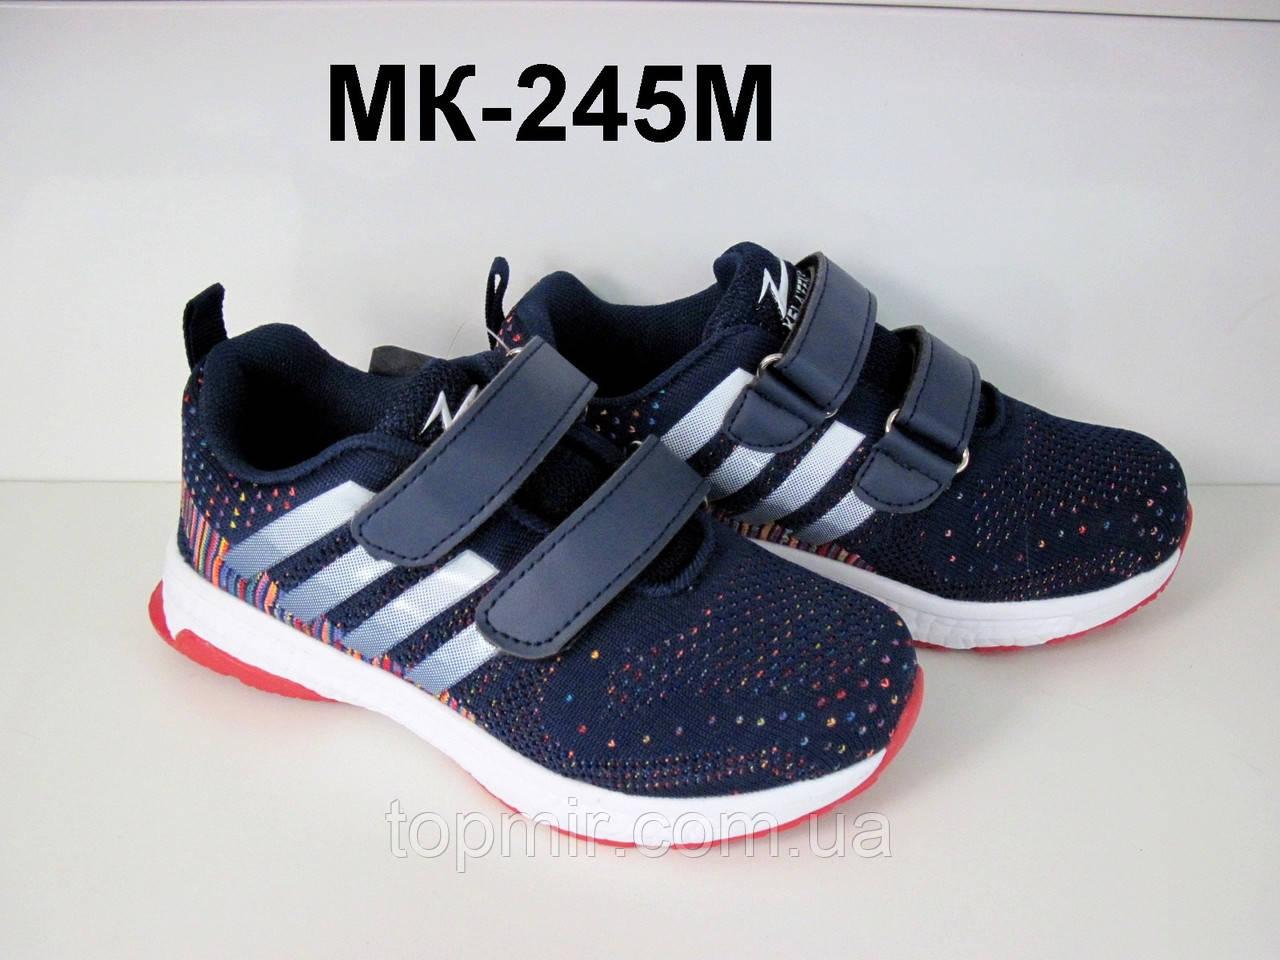 d10a6dbdd Детские летние кроссовки «дышащие» с сеточкой - Интернет- магазин обуви